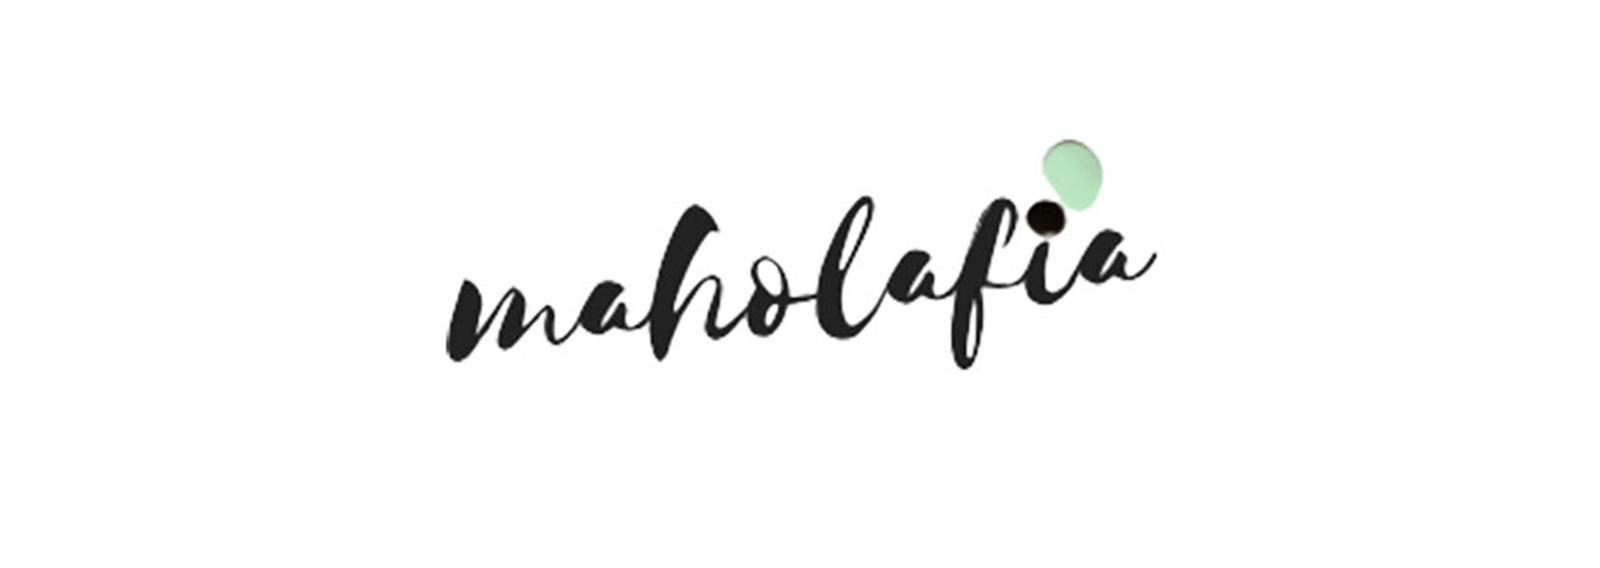 maholafia-1600x568